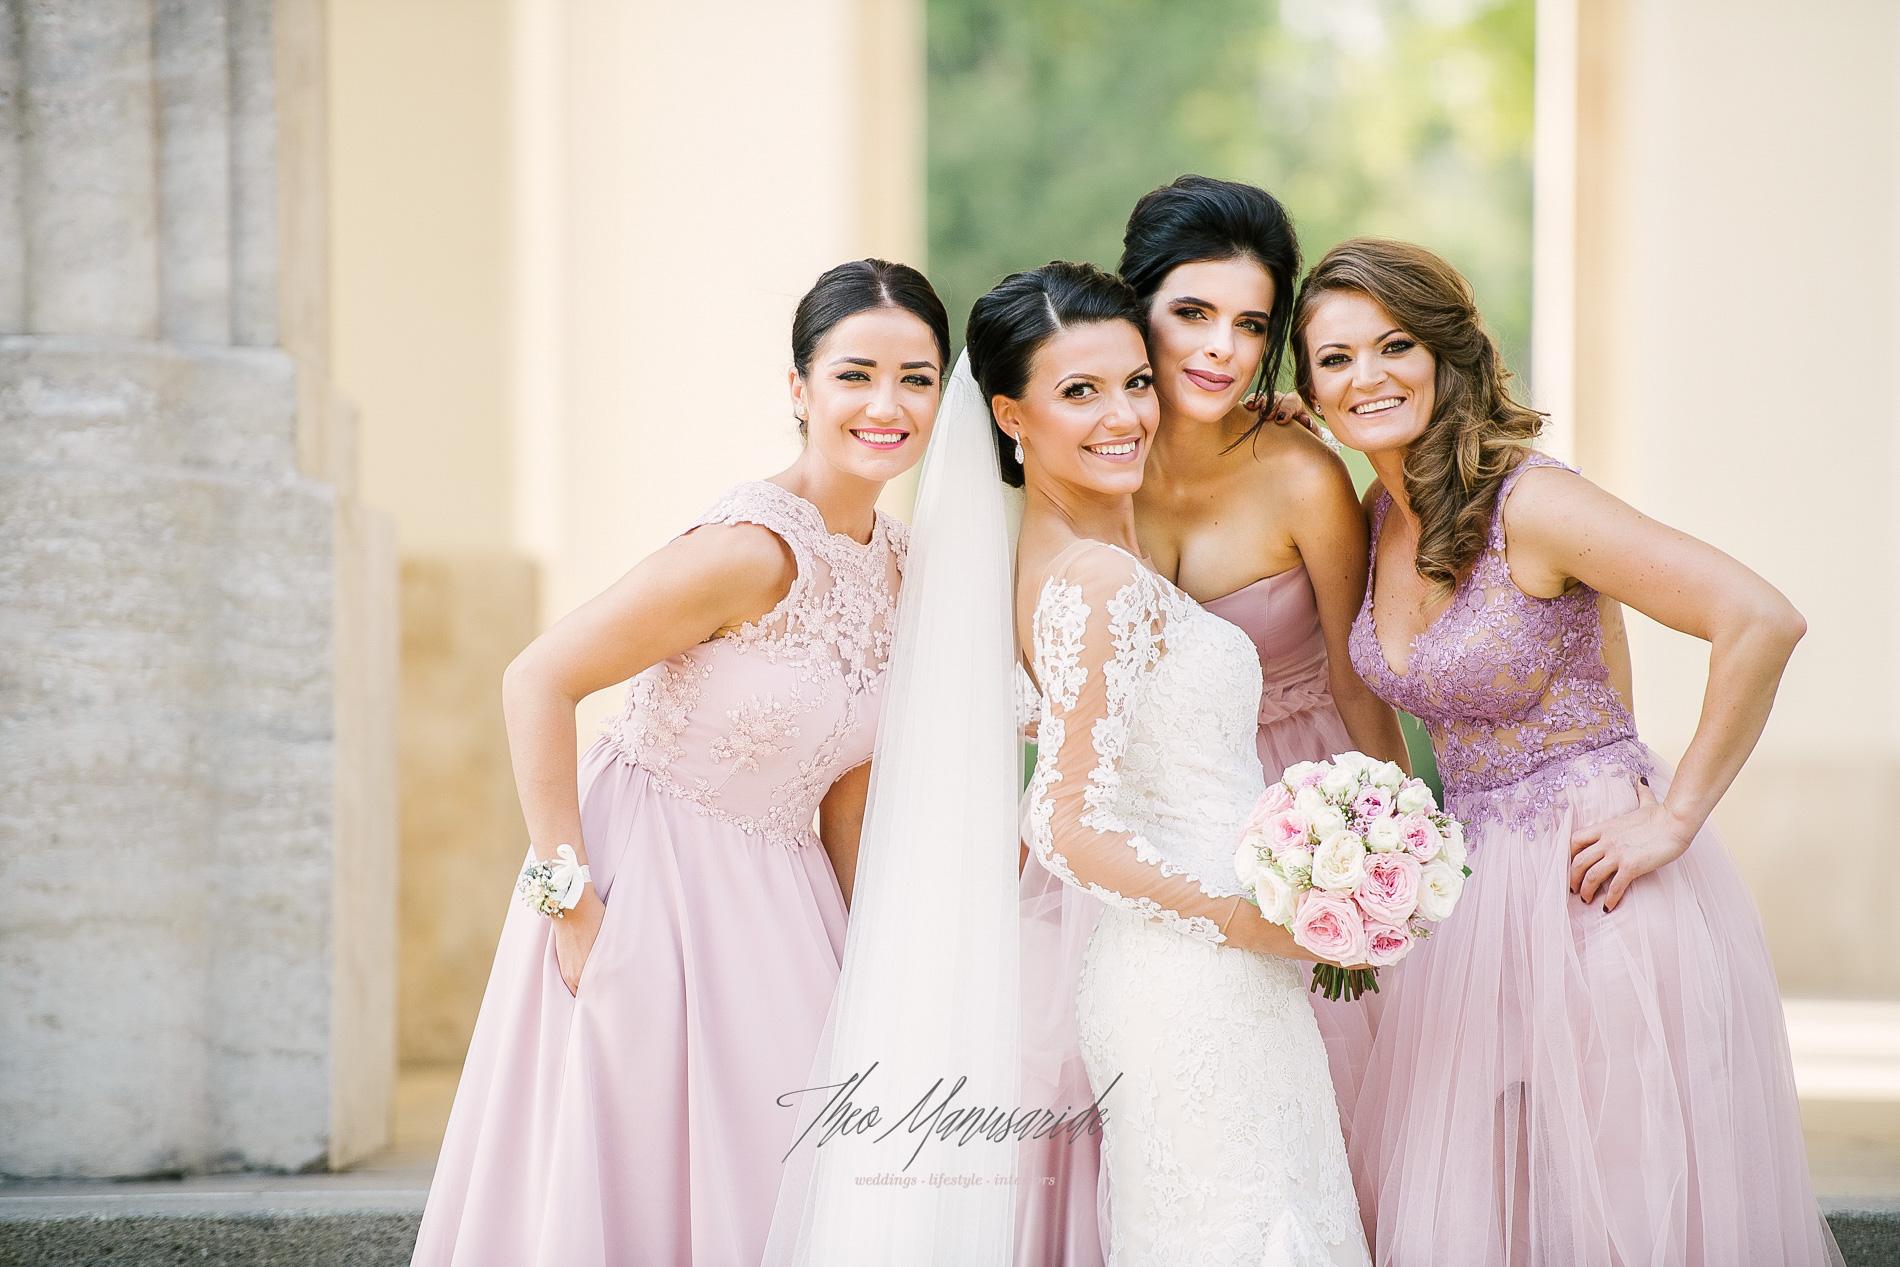 fotograf nunta biavati events-26-2